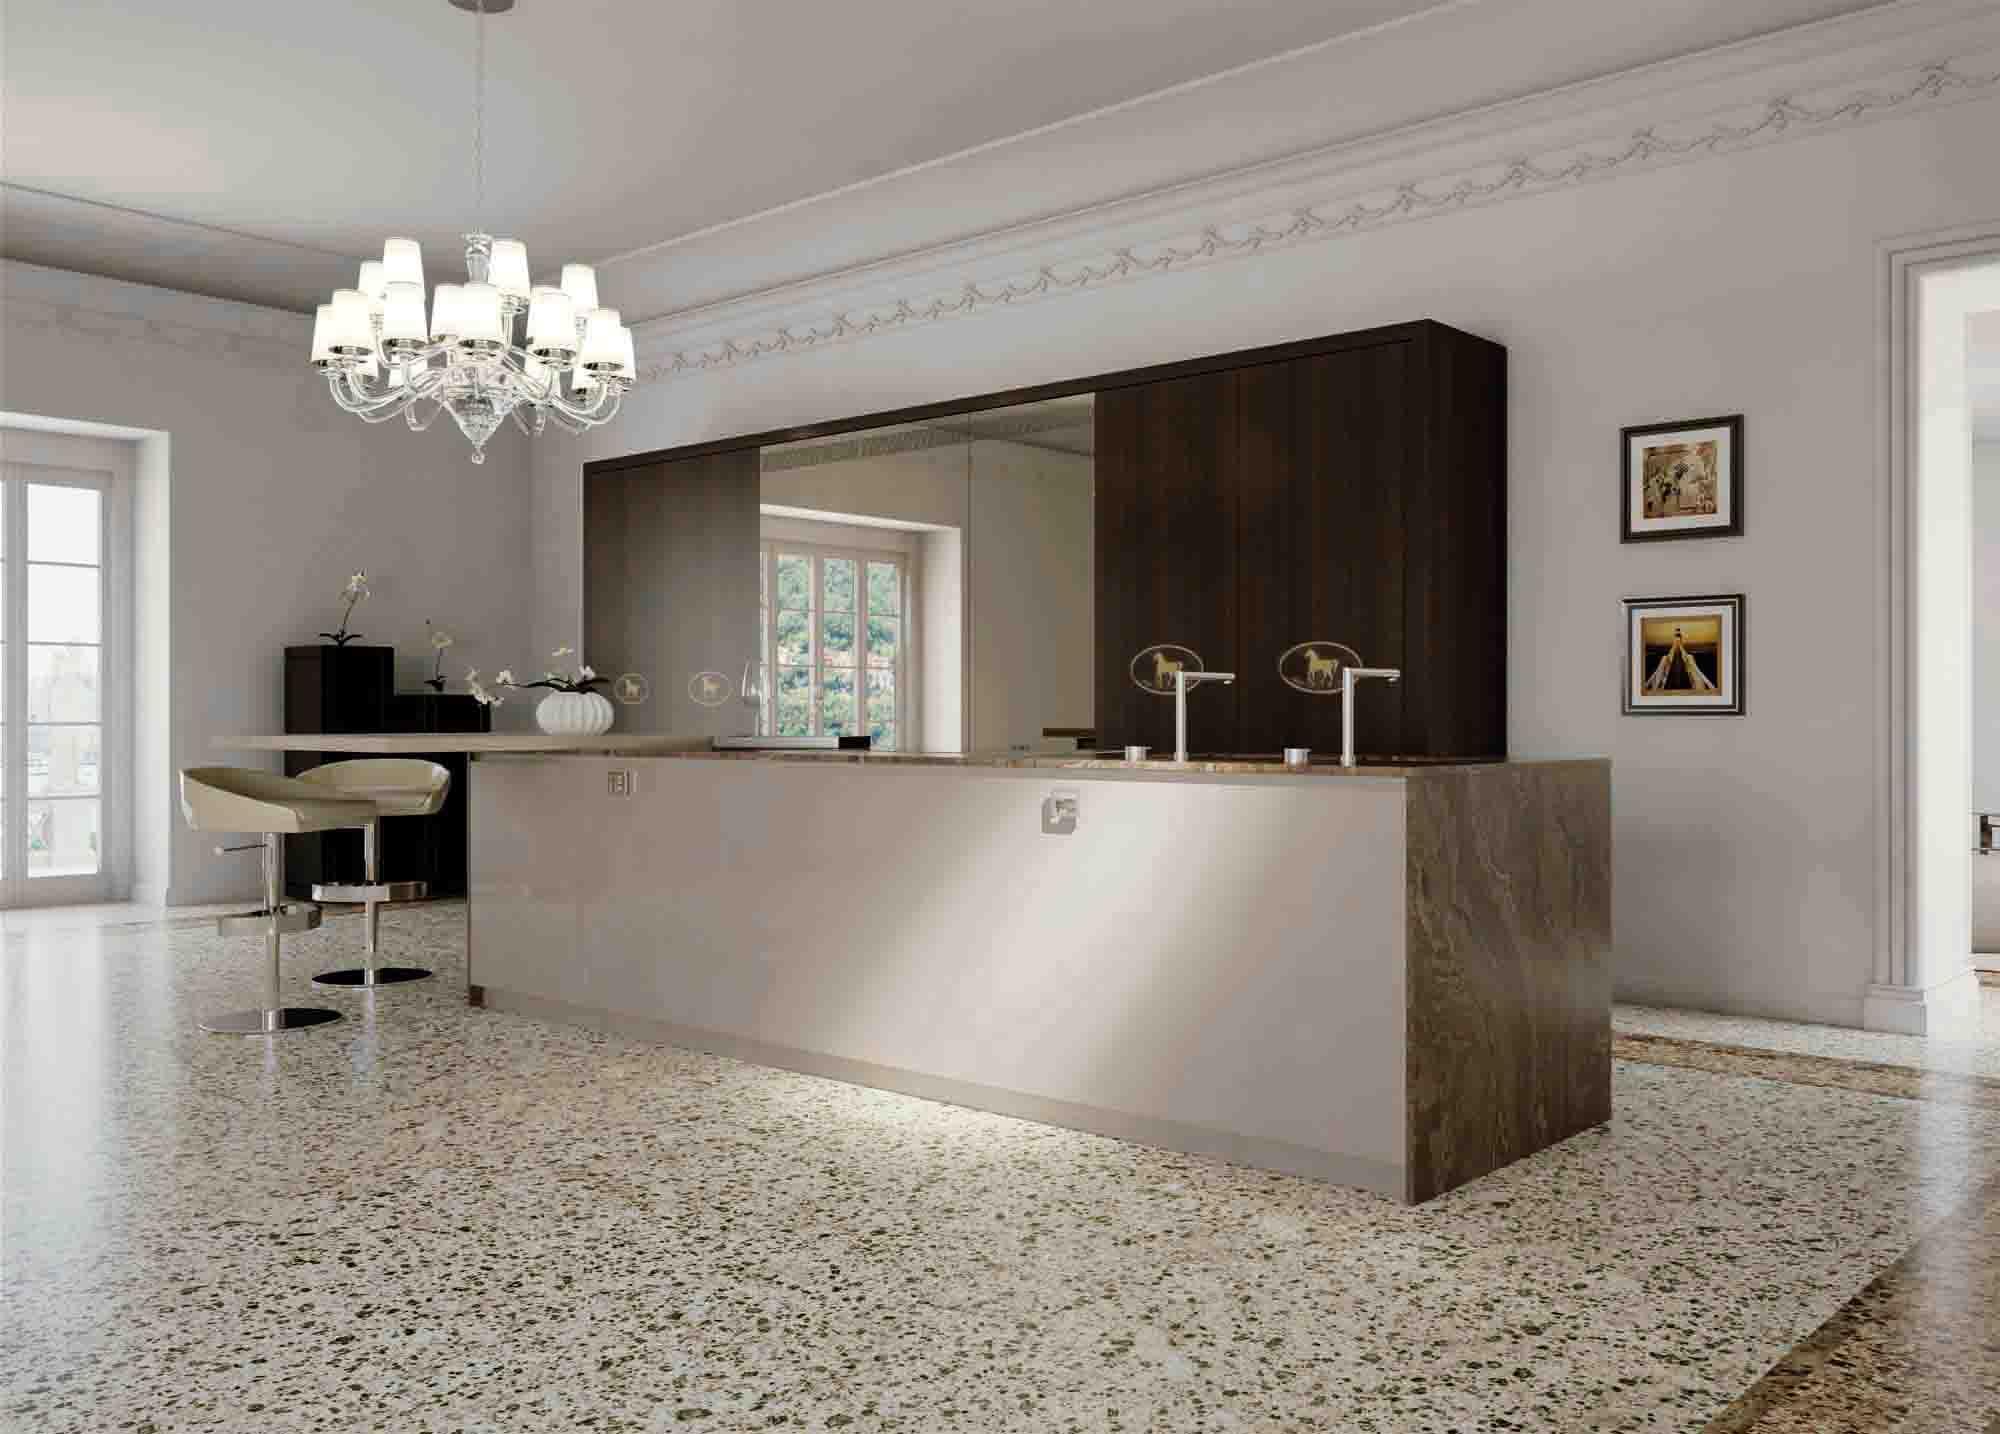 Muebles de cocina fendi gunni trentino for Fendi casa catalogo